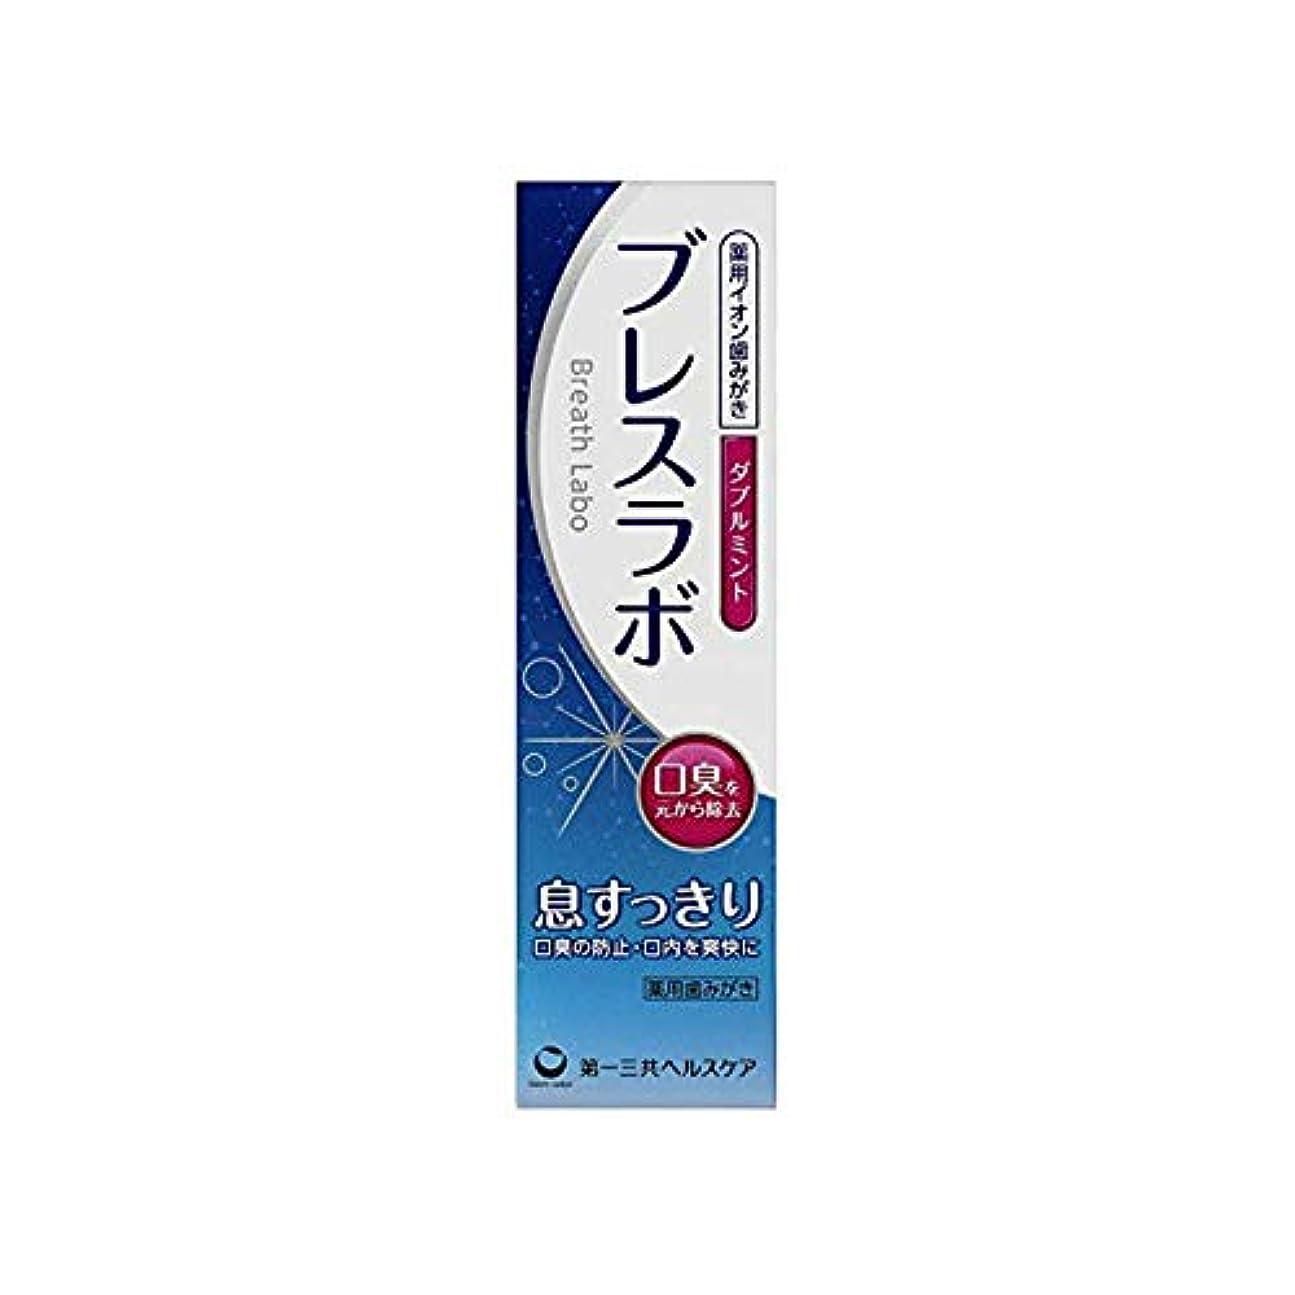 貫通グラム洗う【2個セット】ブレスラボ ダブルミント 90g